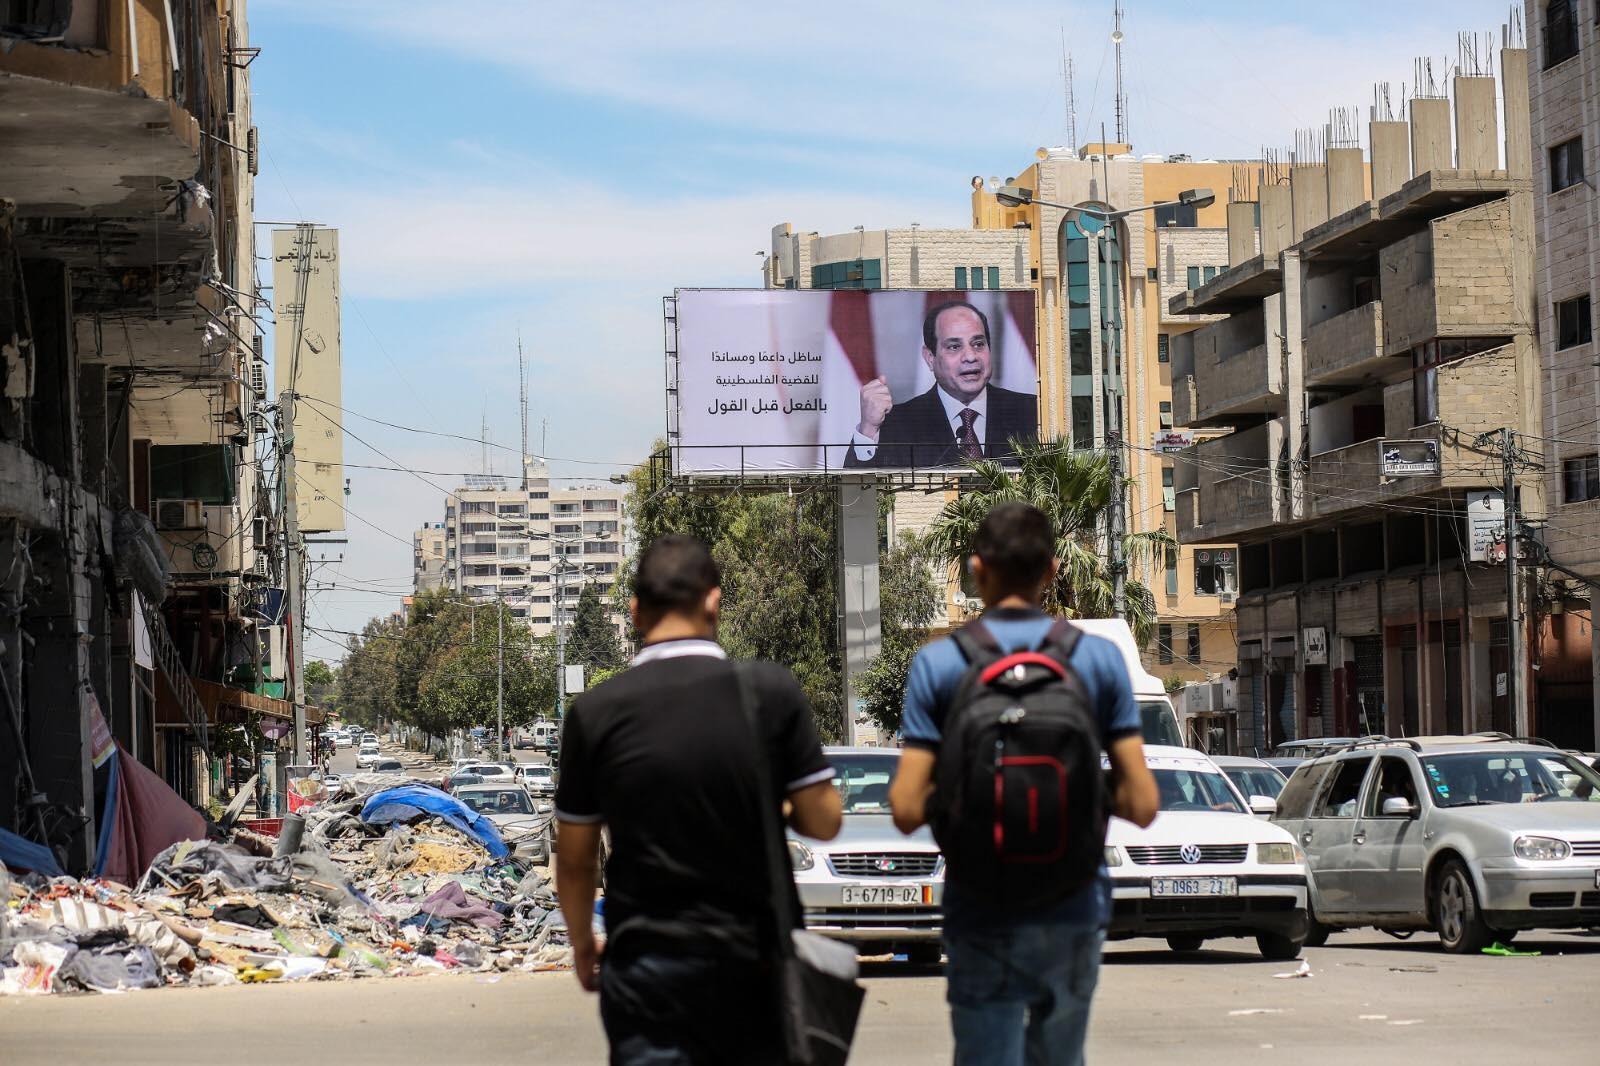 0الرئيس المصري عبدالفتاح السيسي في غزة.jpg